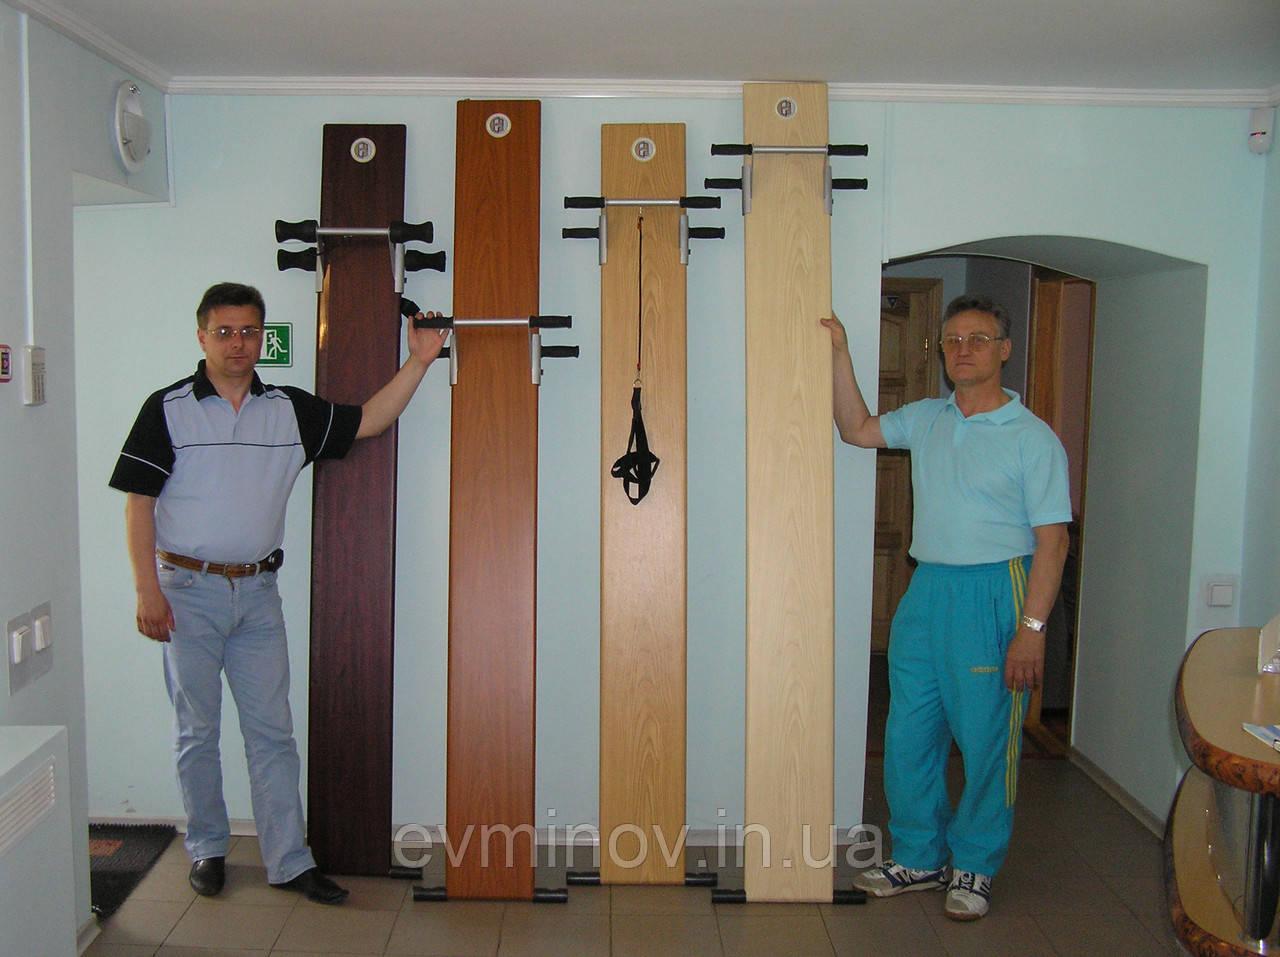 Профилактор Евминова для восстановления позвоночника Спецзаказ при росте выше 194 см, цвет светлый (оригинал)